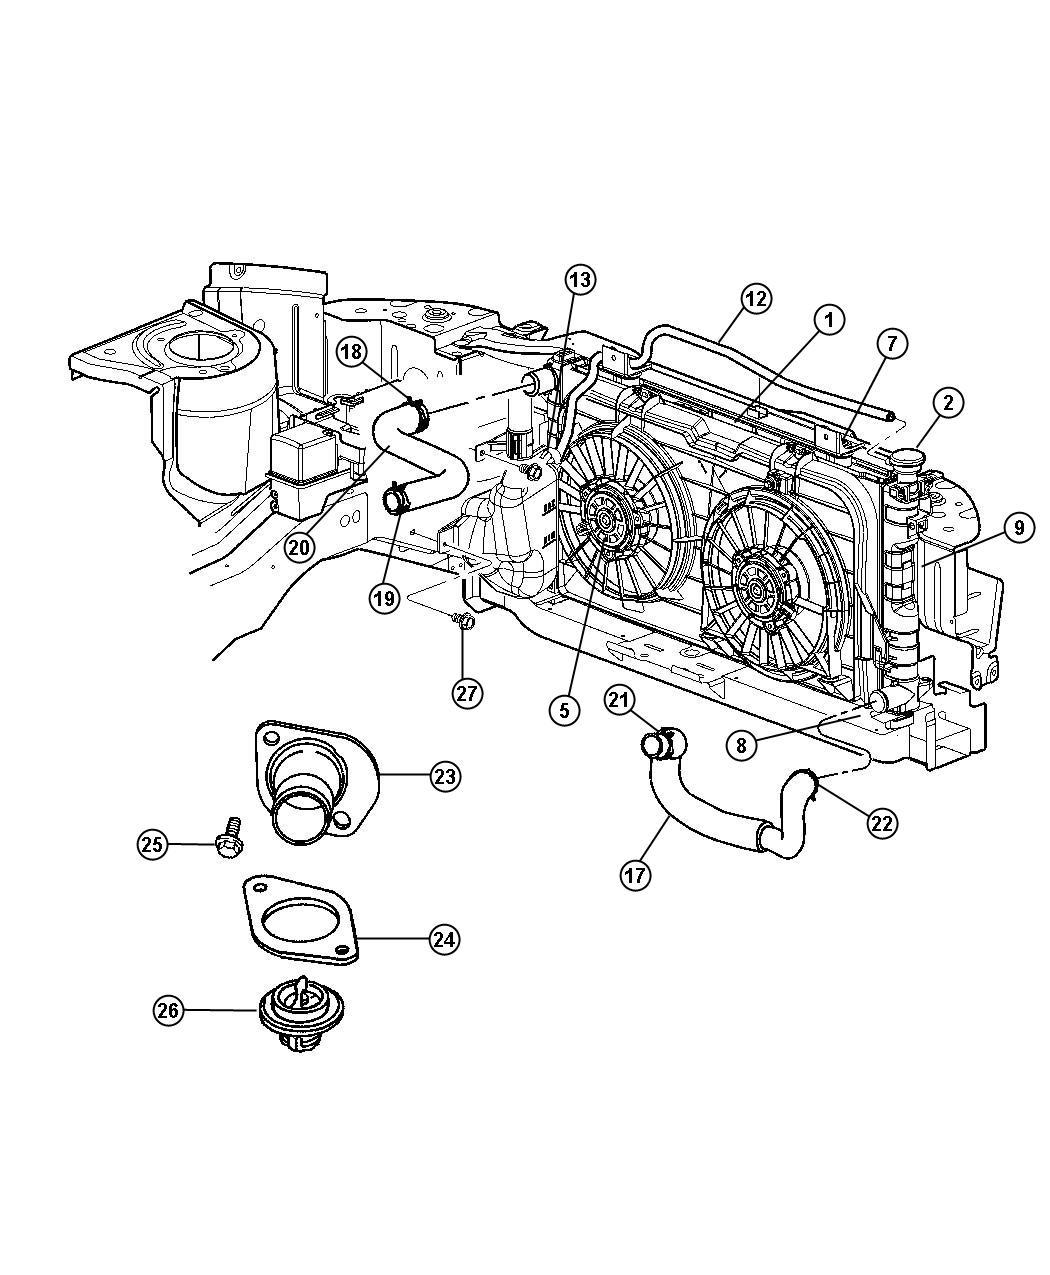 Dodge Caravan Hose Oil Cooler Outlet With Oil Cooler Engine Air Cooling